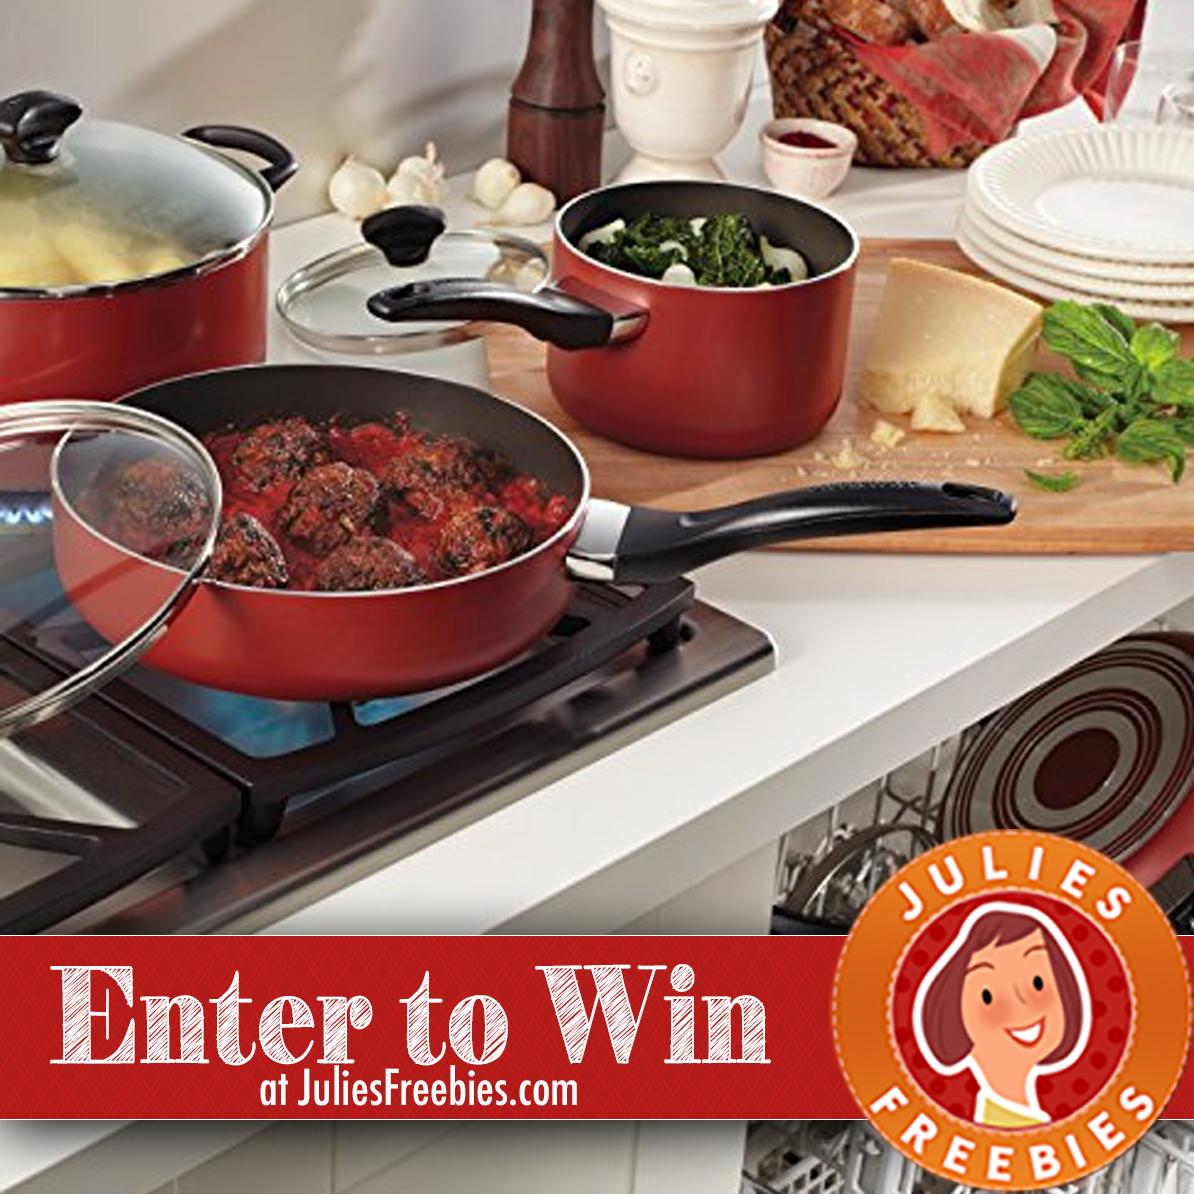 Win a 15 Piece Farberware Cookware Set - Julie's Freebies